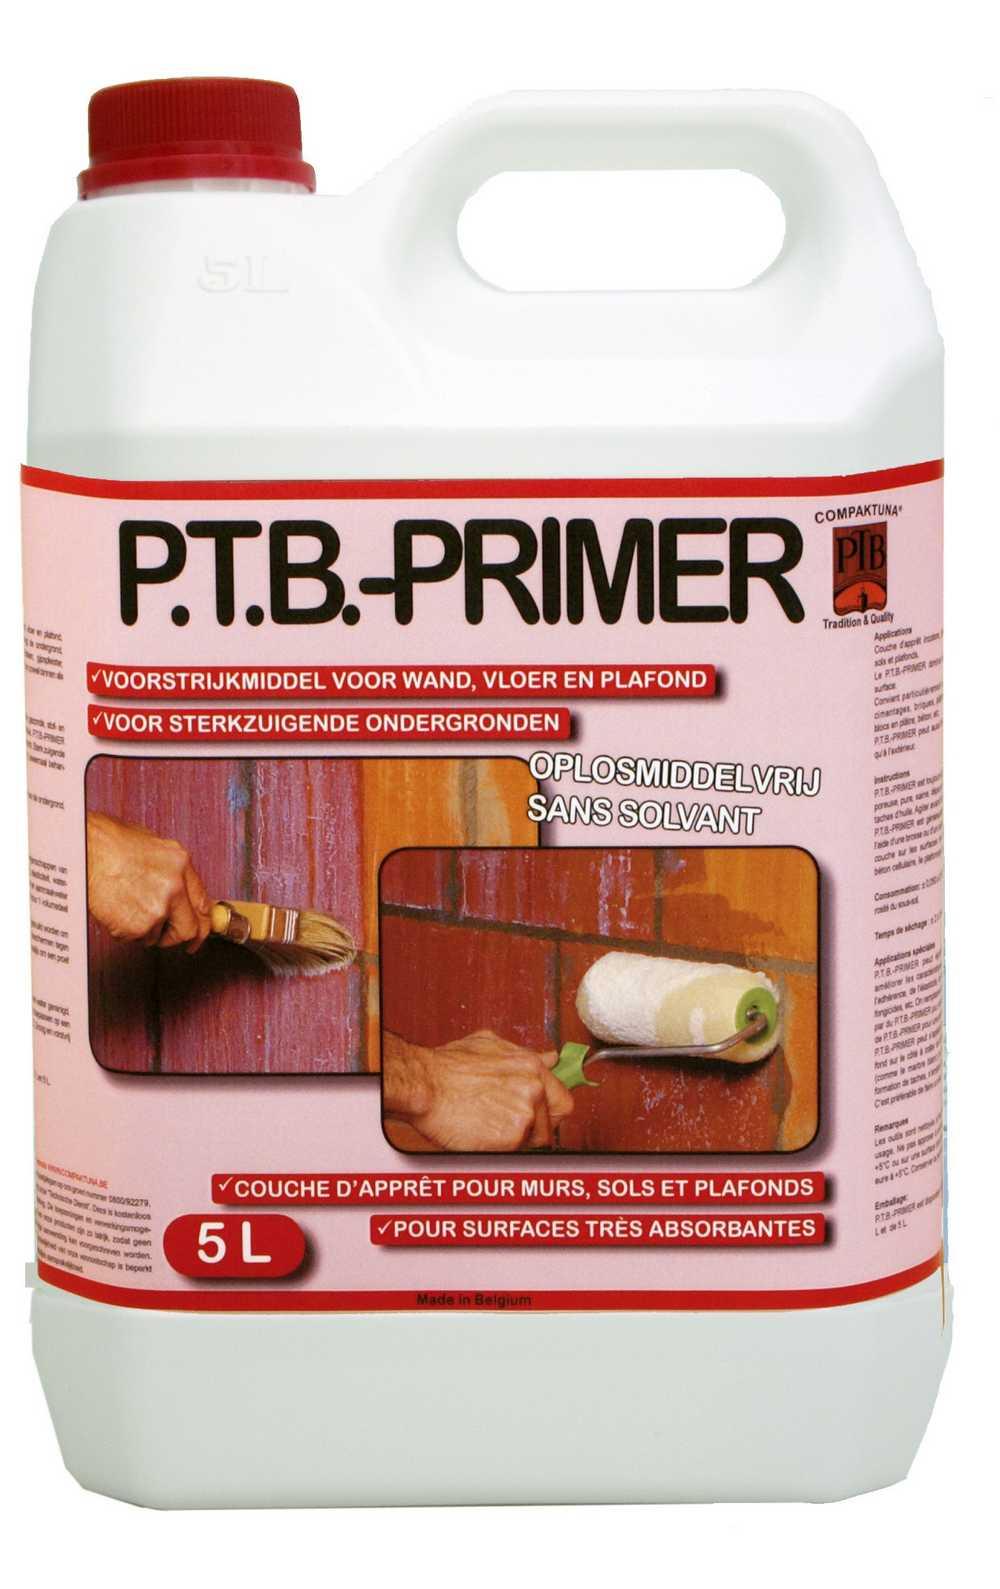 P.t.b.-primer 5liter Kleurloos